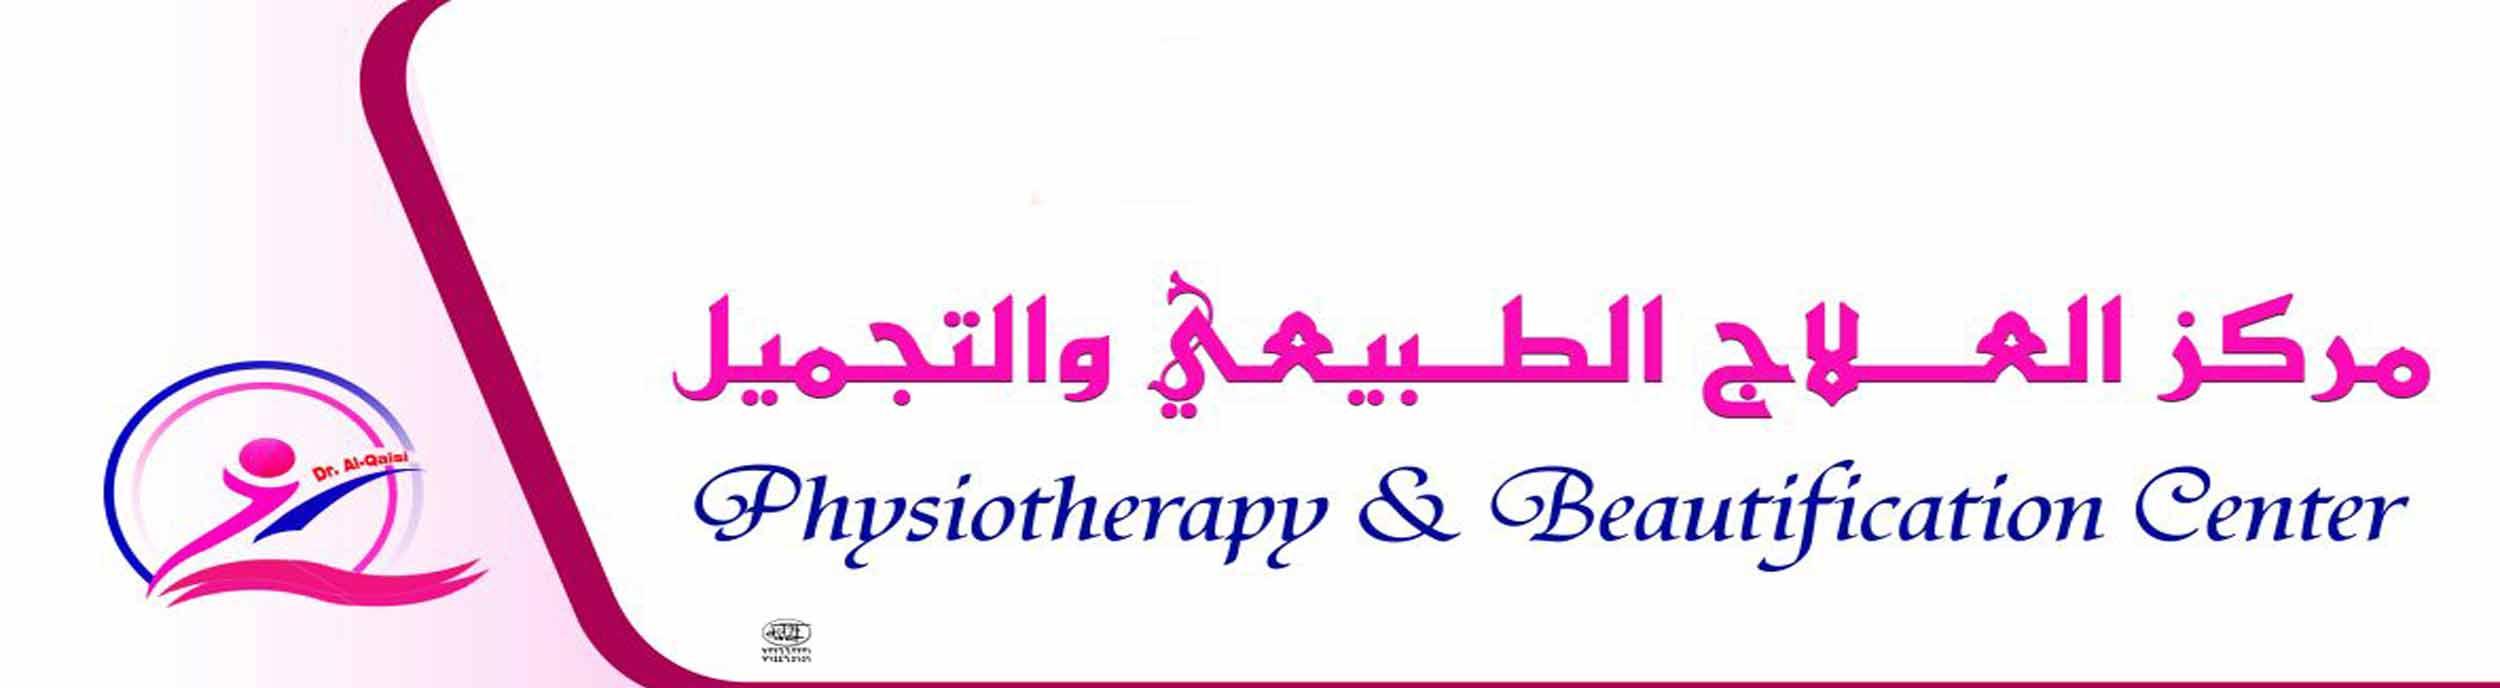 مركز العلاج الطبيعي